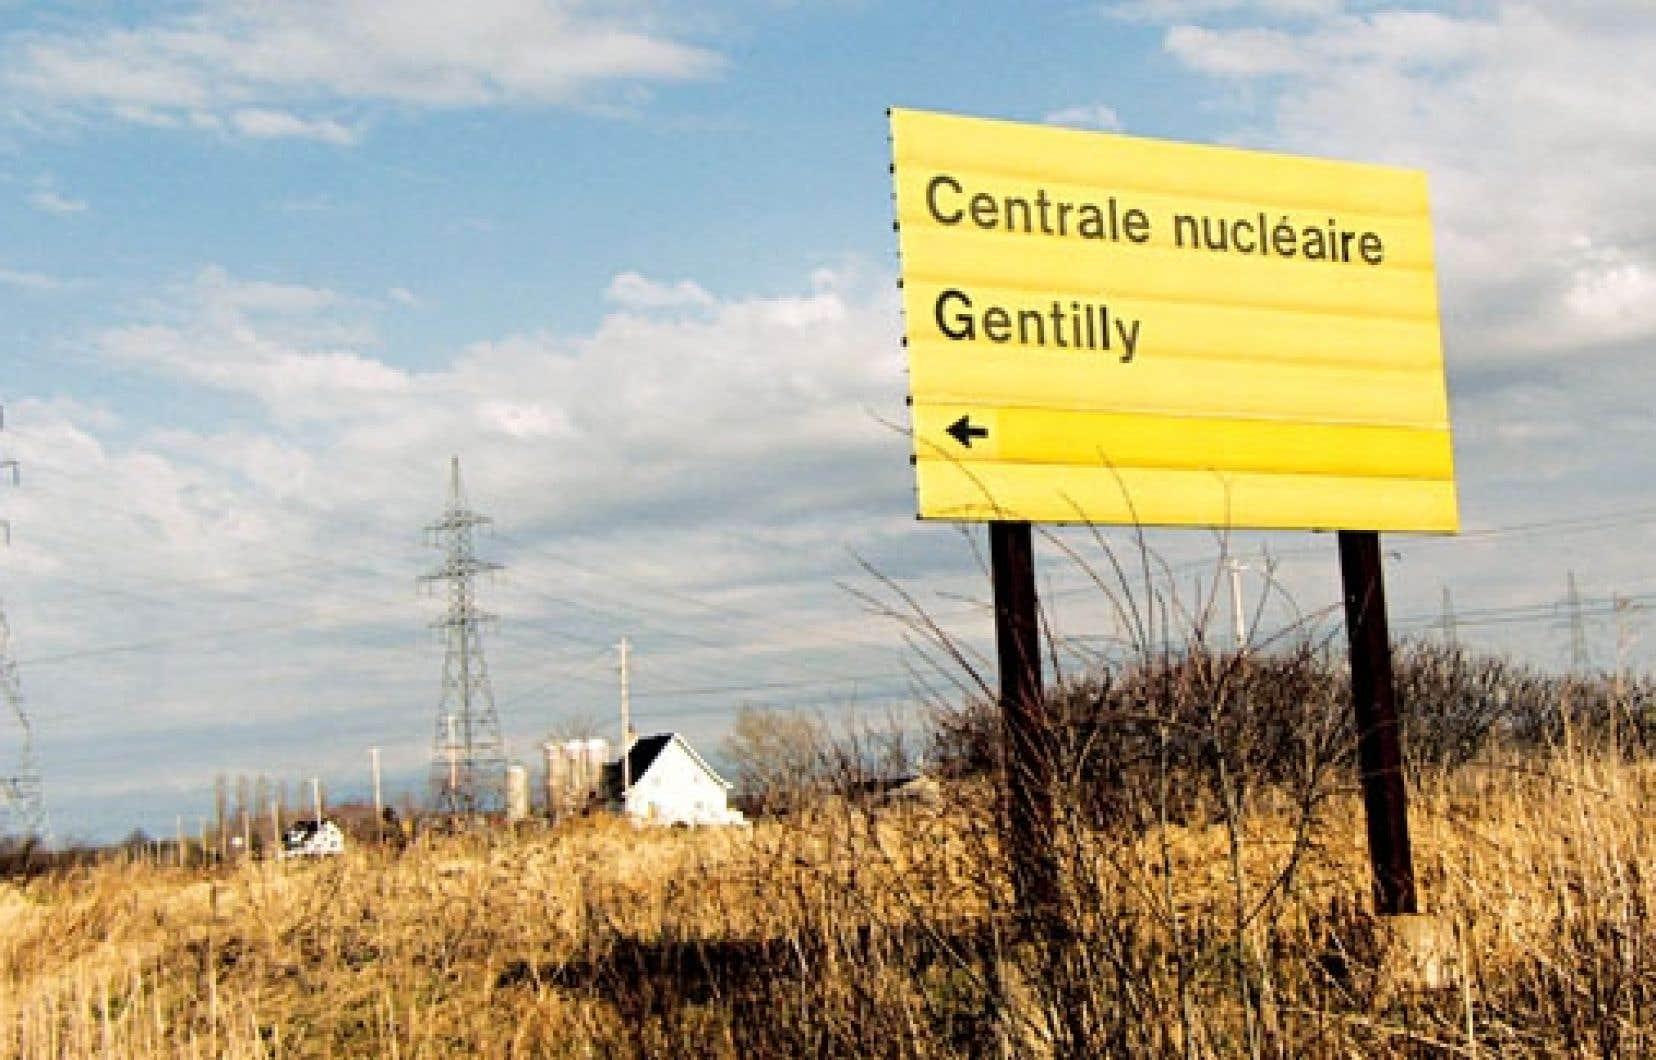 <div> «Si vous voulez fonder une famille, ne le faites pas à Bécancour ou dans un rayon de 10 km», dit le Dr Ian Fairlie, radiologiste et spécialiste britannique des radiations attaché au Parlement européen.</div>